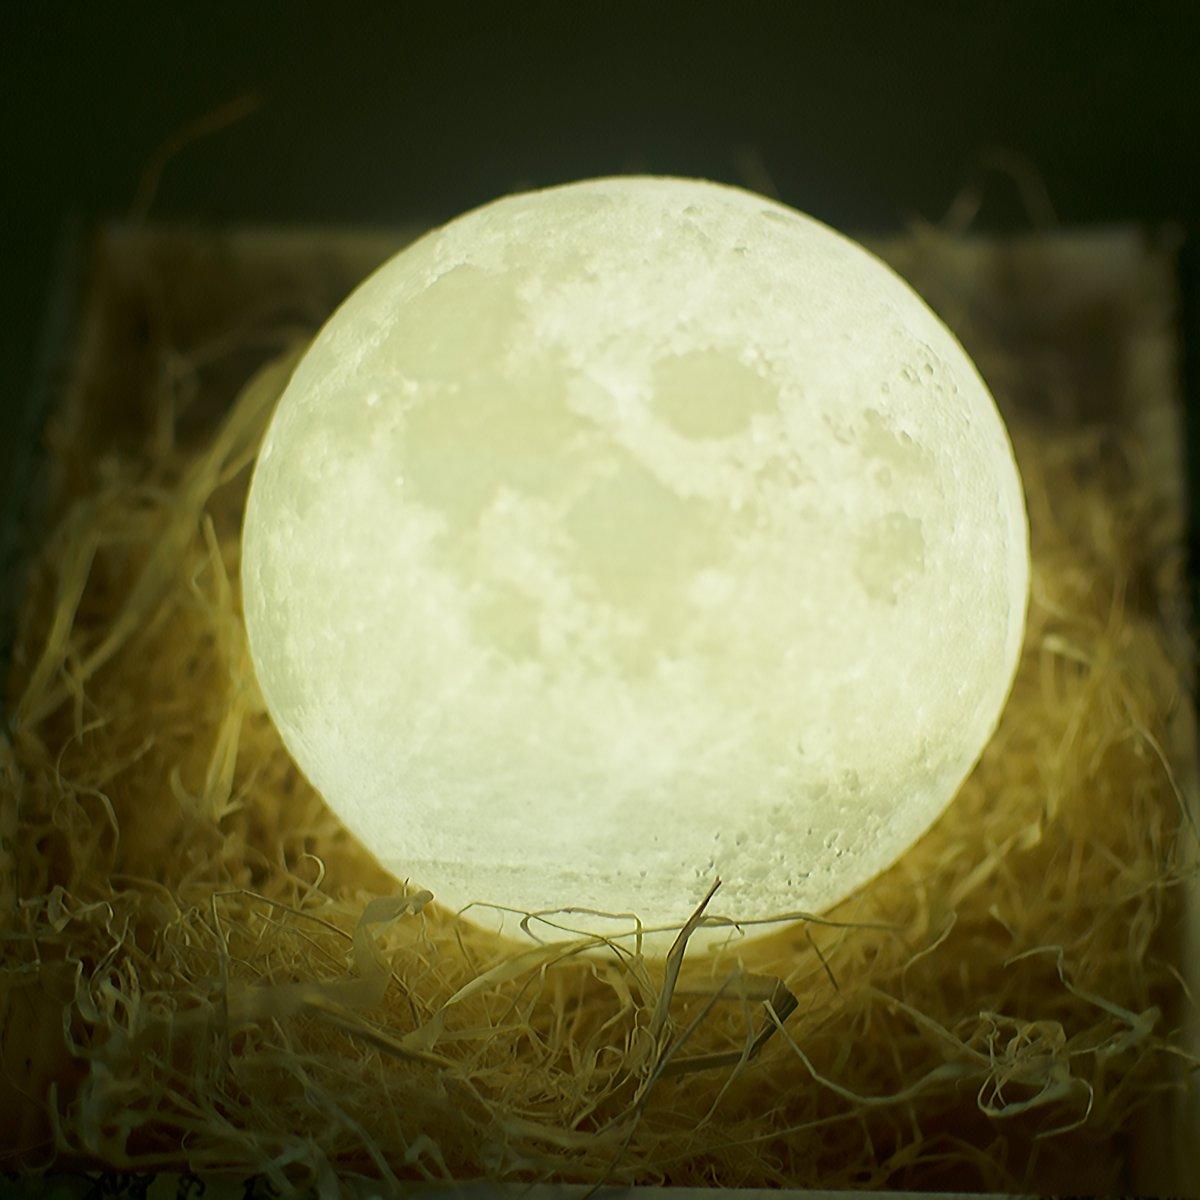 3D印刷ムーンナイトライトランプUSB Rechargerable月面充電チャージタッチスイッチ2色ムーンナイトランプの明るさ調節可能なテーブルライトホームインテリア (10cm) B073XM1183 10cm 10cm